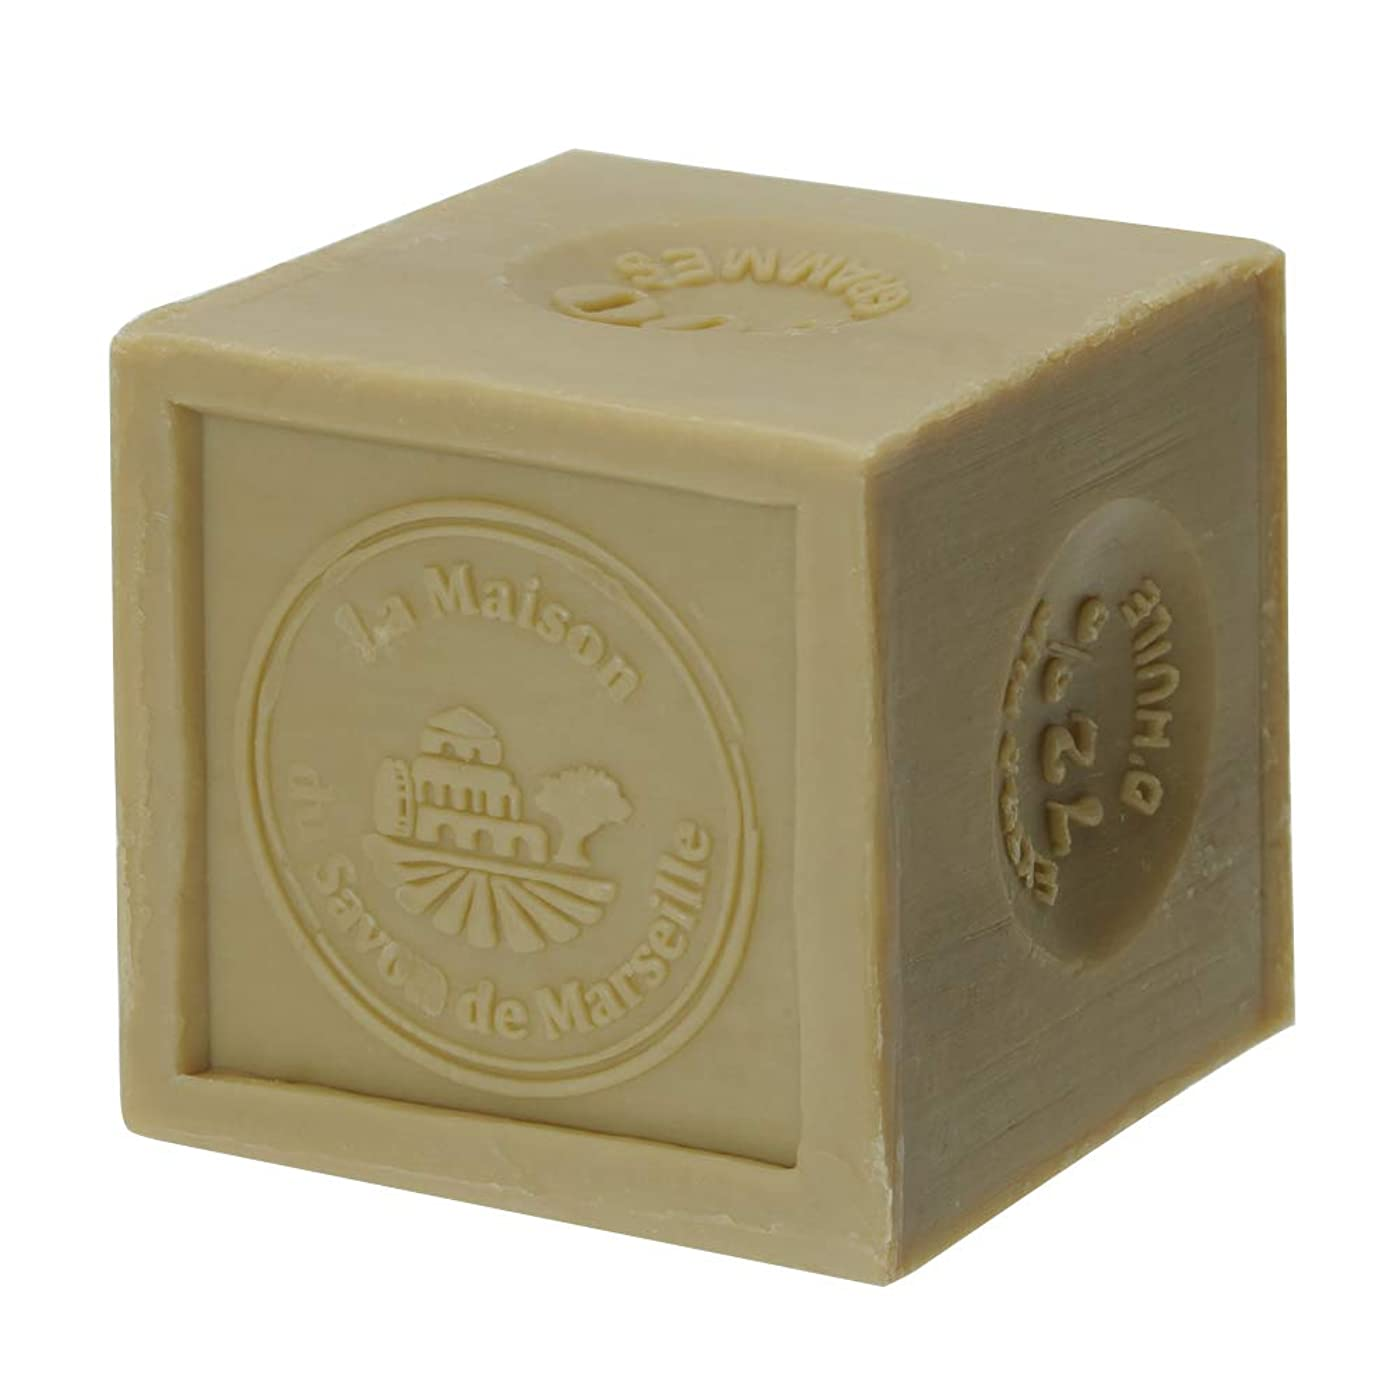 弱める布移住するノルコーポレーション マルセイユ石鹸 オリーブ UPSM認証マーク付き 300g MLL-3-1